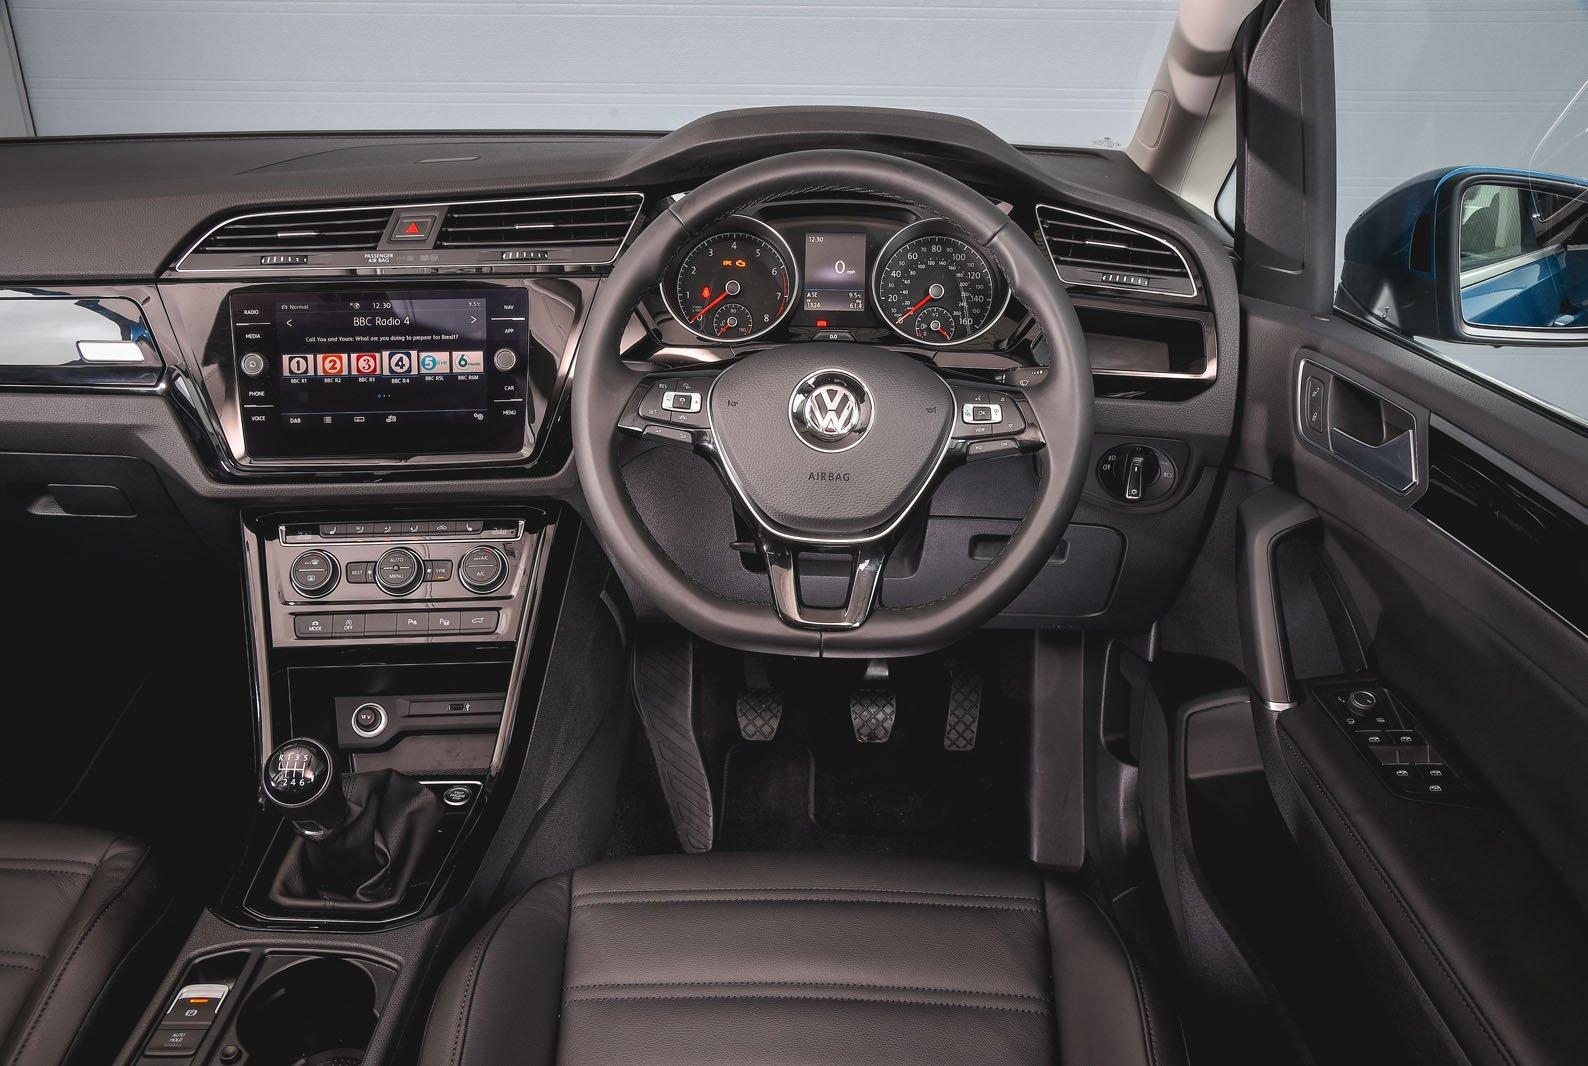 Volkswagen Touran 1.6 TDI 115 S - interior